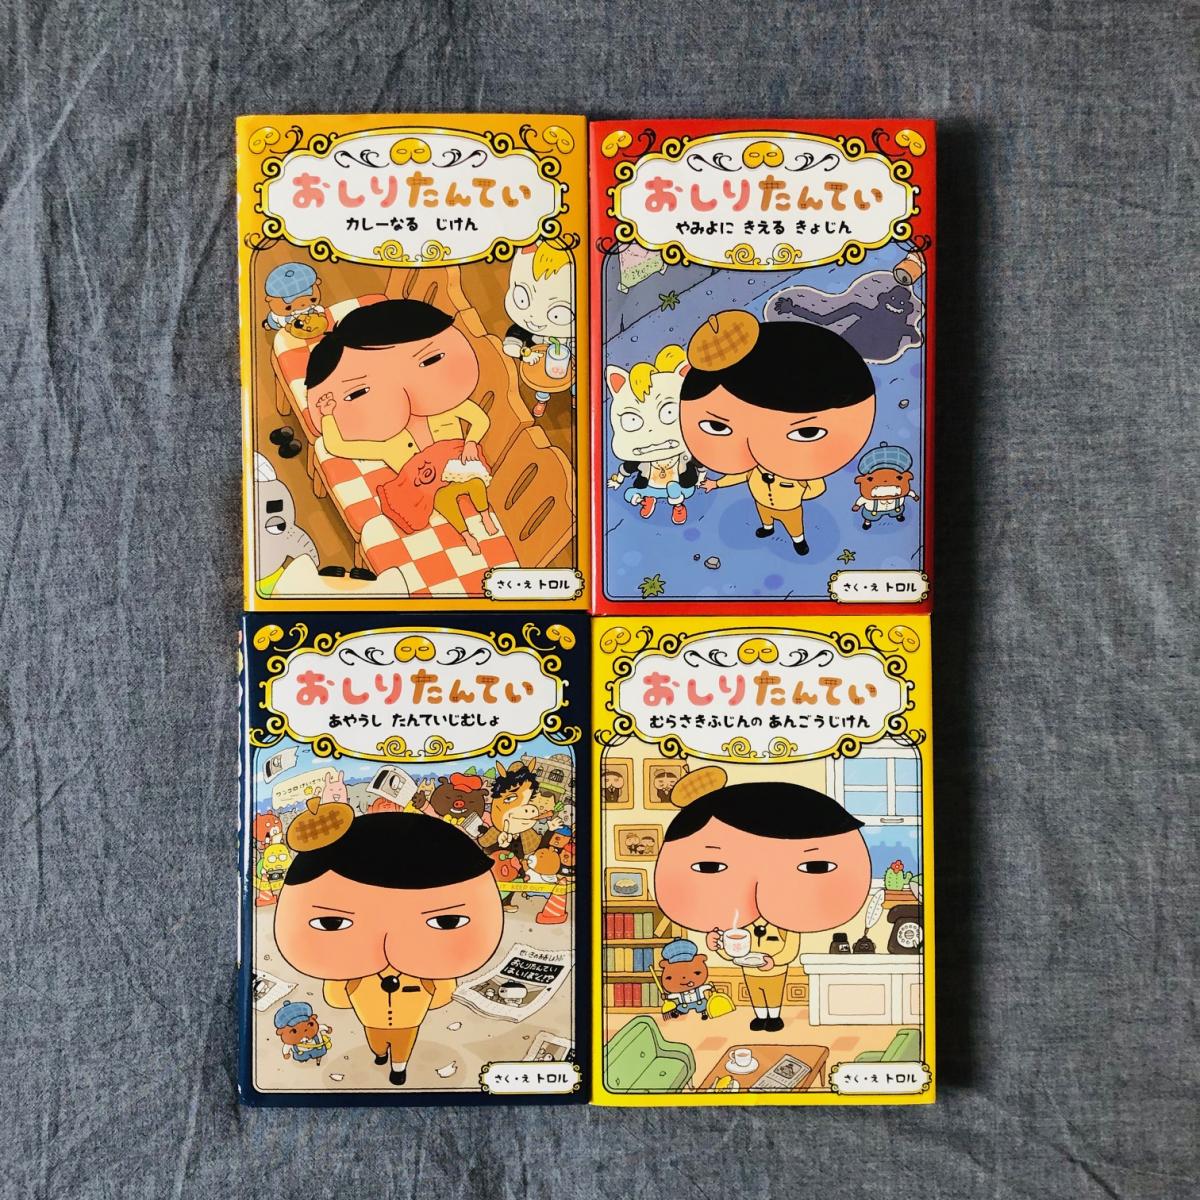 「おしりたんてい」書籍シリーズはポプラ社より現在9冊刊行。3歳ぐらいから読める絵本シリーズもあります。